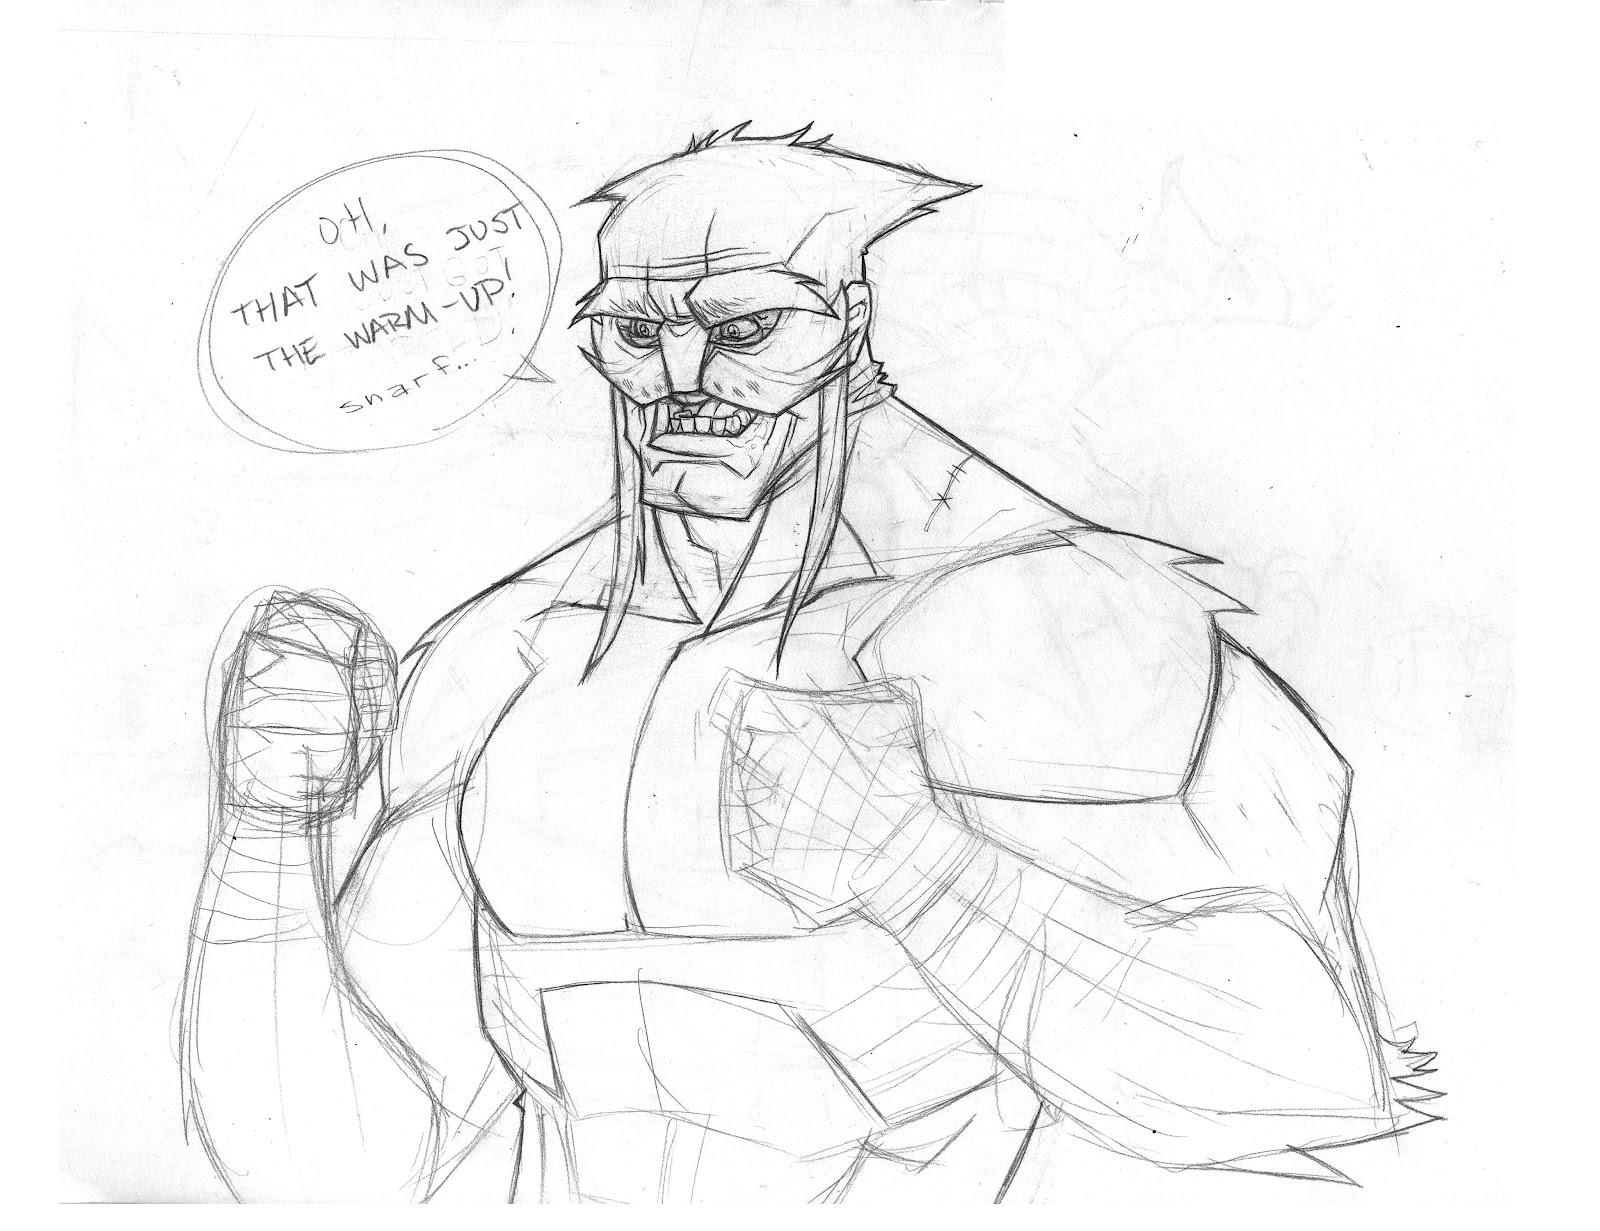 1600x1231 The Zig Zone Sketch Wildcat